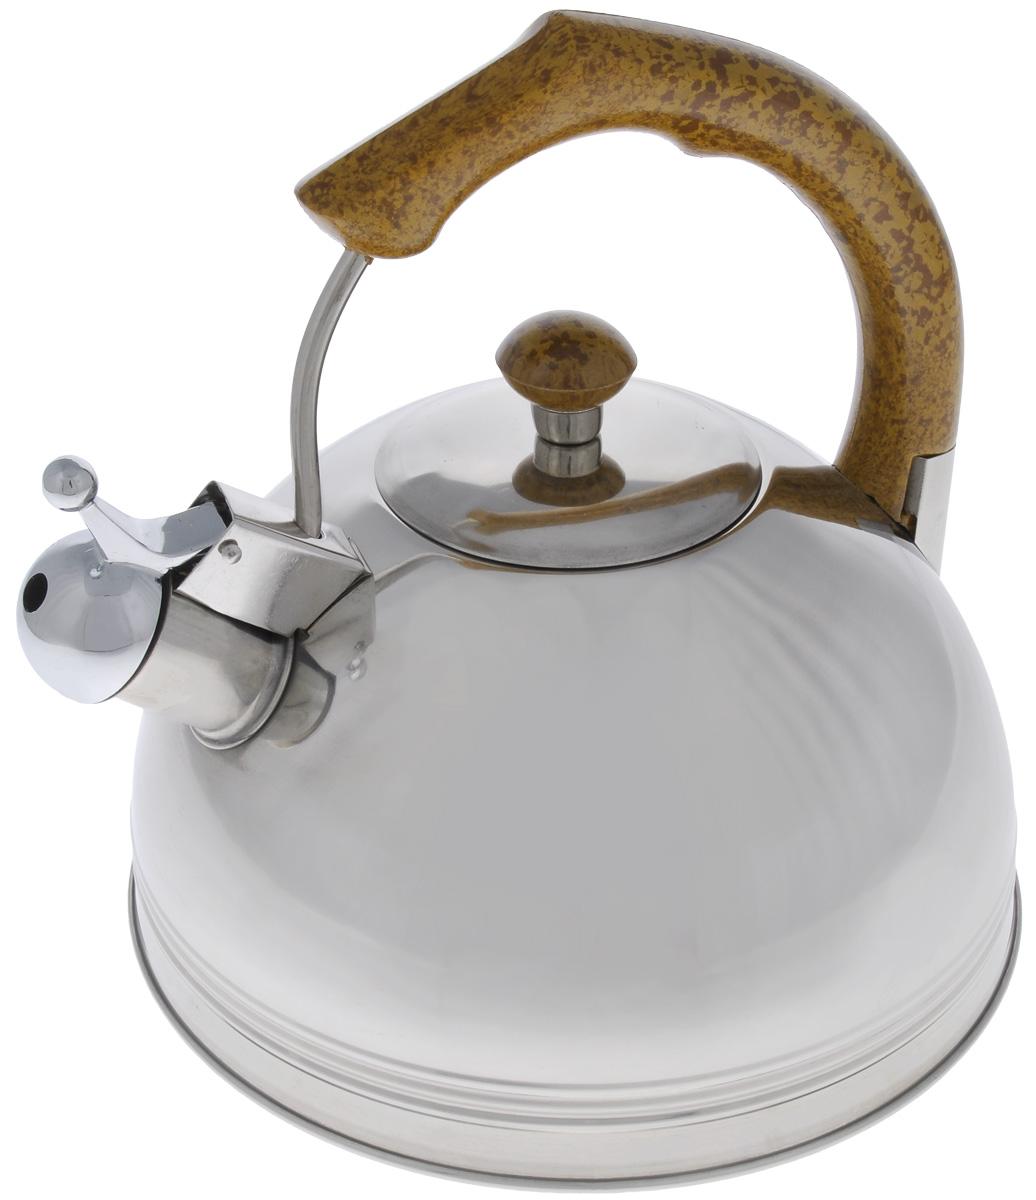 Чайник Mayer & Boch, со свистком, 2,5 л. 60886088Чайник Mayer & Boch выполнен из высококачественной нержавеющей стали, что делает его весьма гигиеничным и устойчивым к износу при длительном использовании. Капсулированное дно с прослойкой из алюминия обеспечивает наилучшее распределение тепла. Носик чайника оснащен насадкой-свистком, что позволит вам контролировать процесс подогрева или кипячения воды. Фиксированная ручка, изготовленная из бакелита в цвет дерева, делает использование чайника очень удобным и безопасным. Поверхность чайника гладкая, что облегчает уход за ним. Эстетичный и функциональный, с эксклюзивным дизайном, чайник будет оригинально смотреться в любом интерьере.Подходит для всех типов плит, кроме индукционных. Можно мыть в посудомоечной машине.Высота чайника (без учета ручки и крышки): 8,5 см.Высота чайника (с учетом ручки и крышки): 21 см.Диаметр чайника (по верхнему краю): 11,5 см.